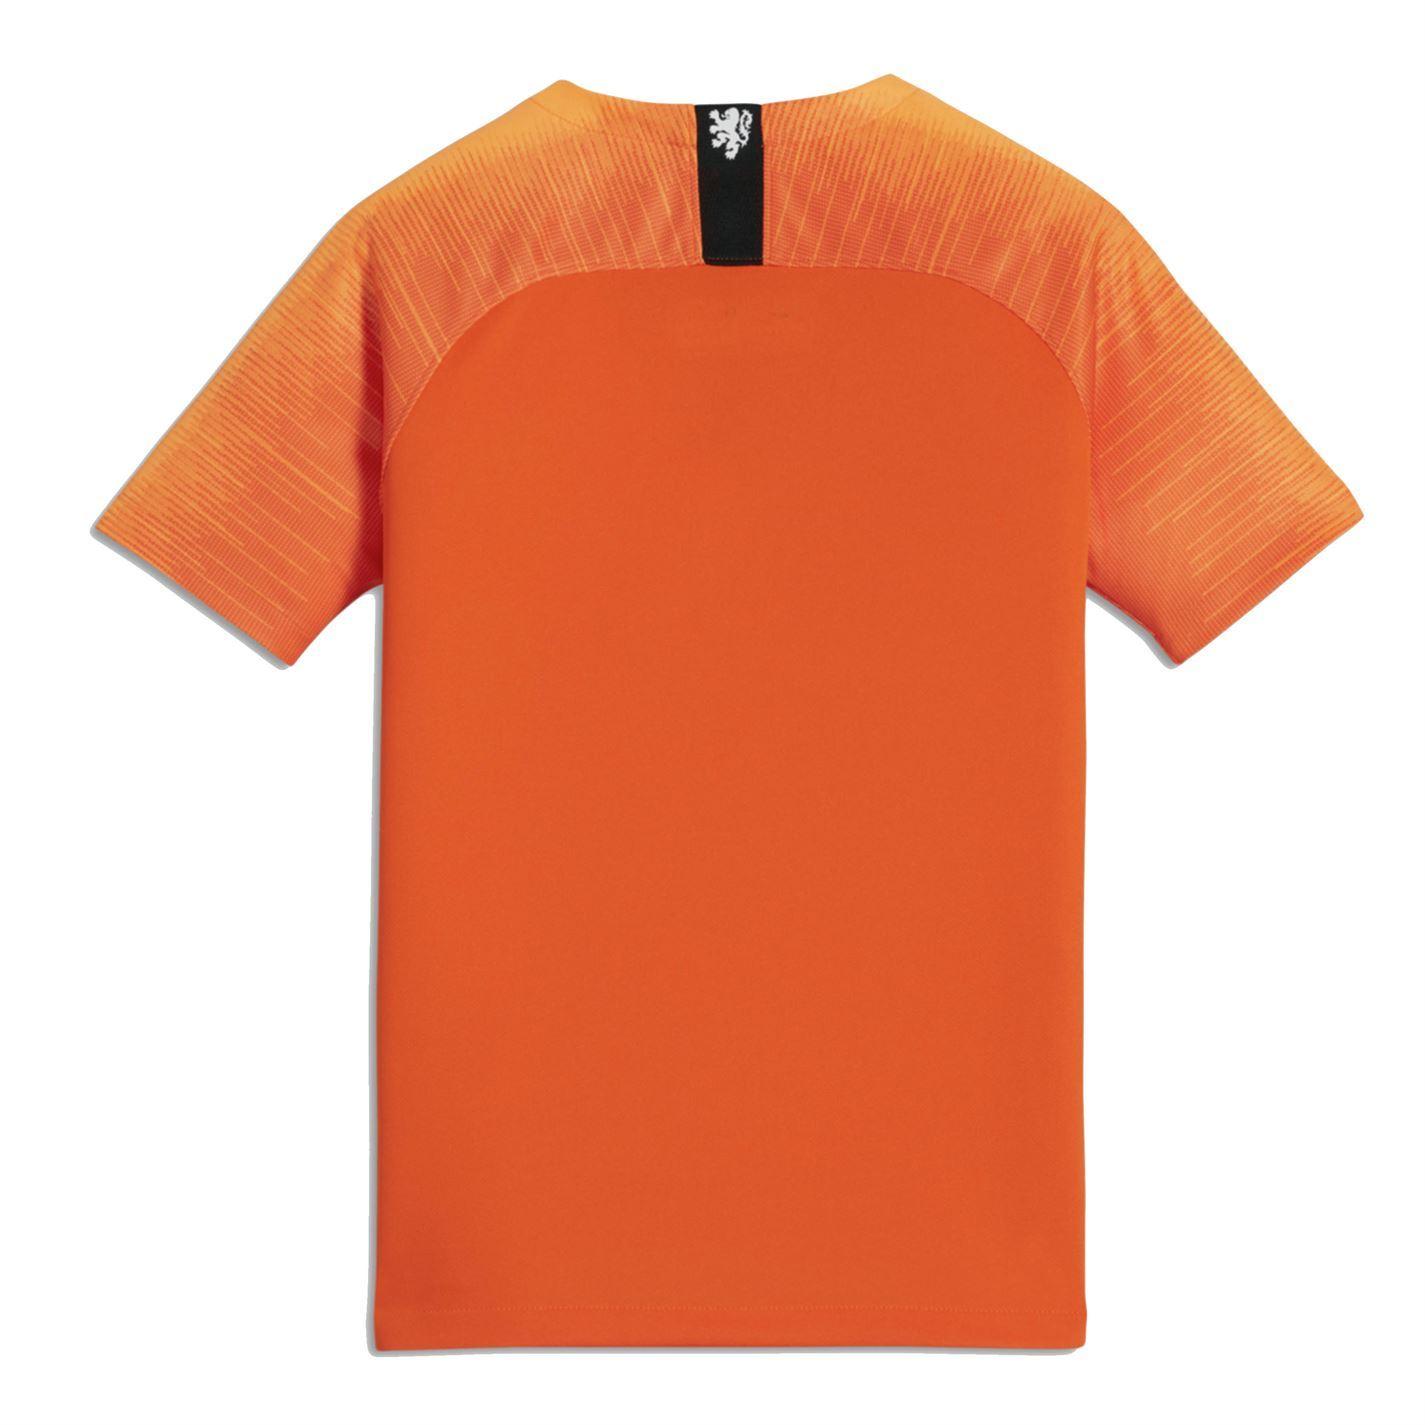 6faa7f6e9 ... Nike Netherlands Home Jersey 2018 Holland Juniors Orange Football  Soccer Shirt